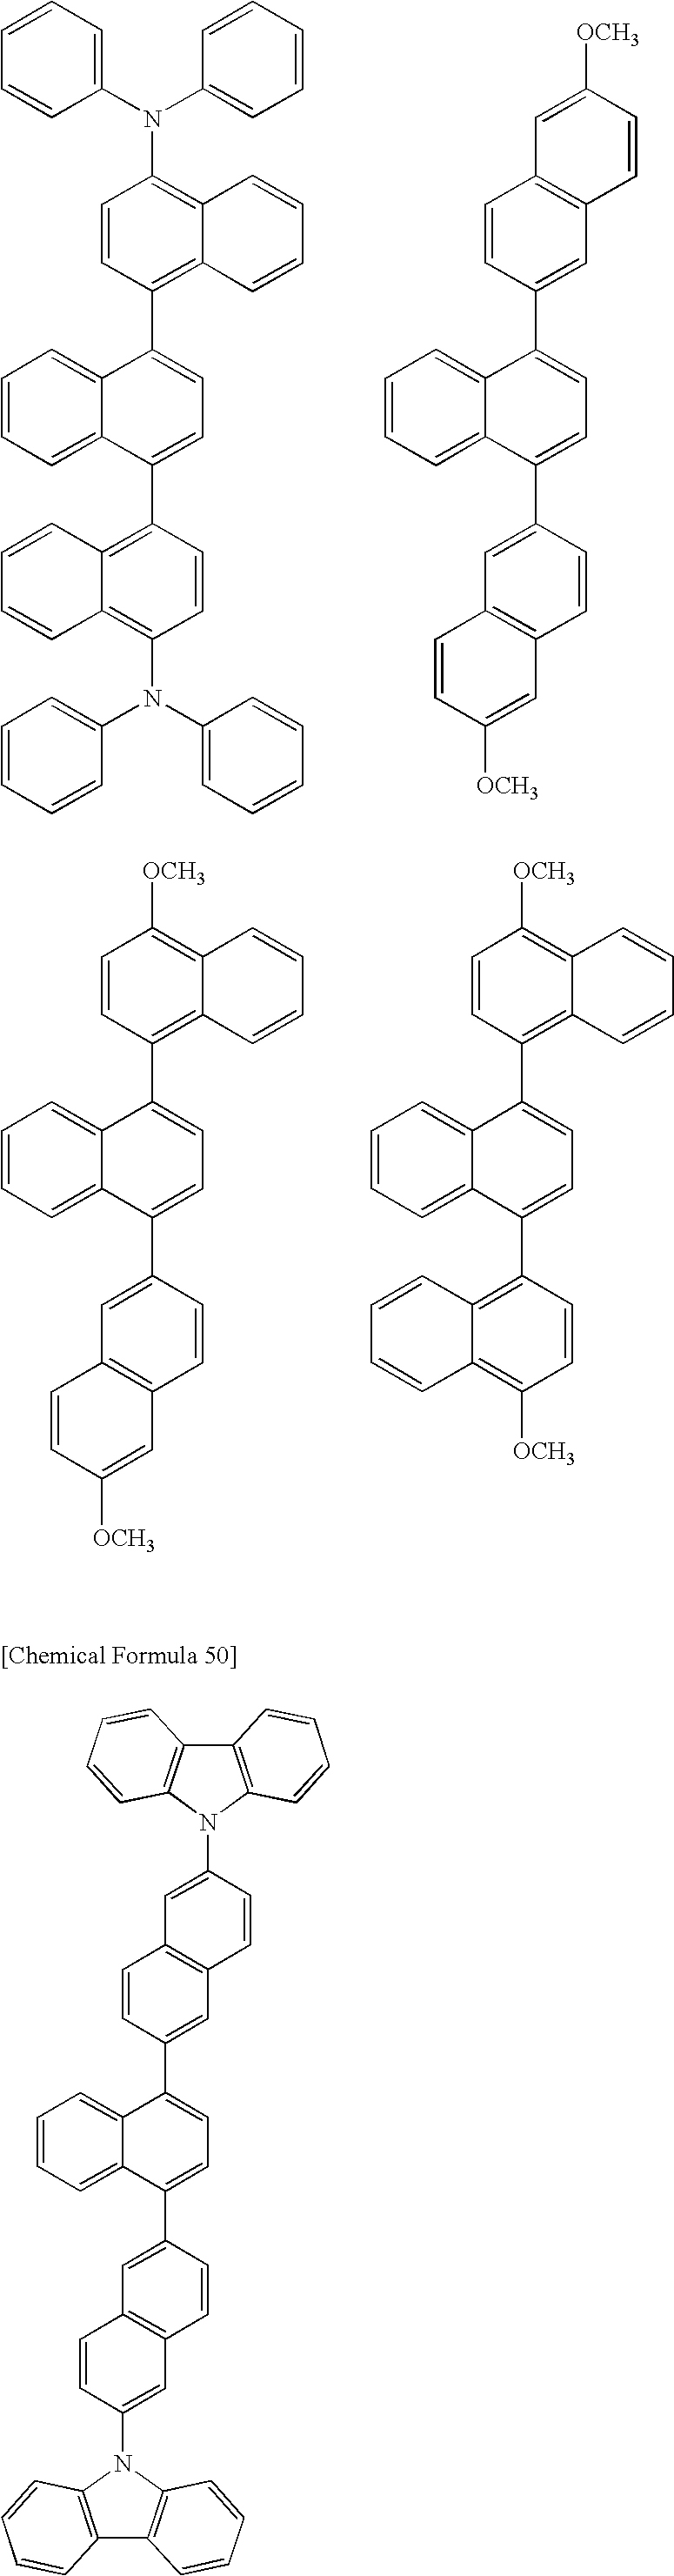 Figure US20100171109A1-20100708-C00078